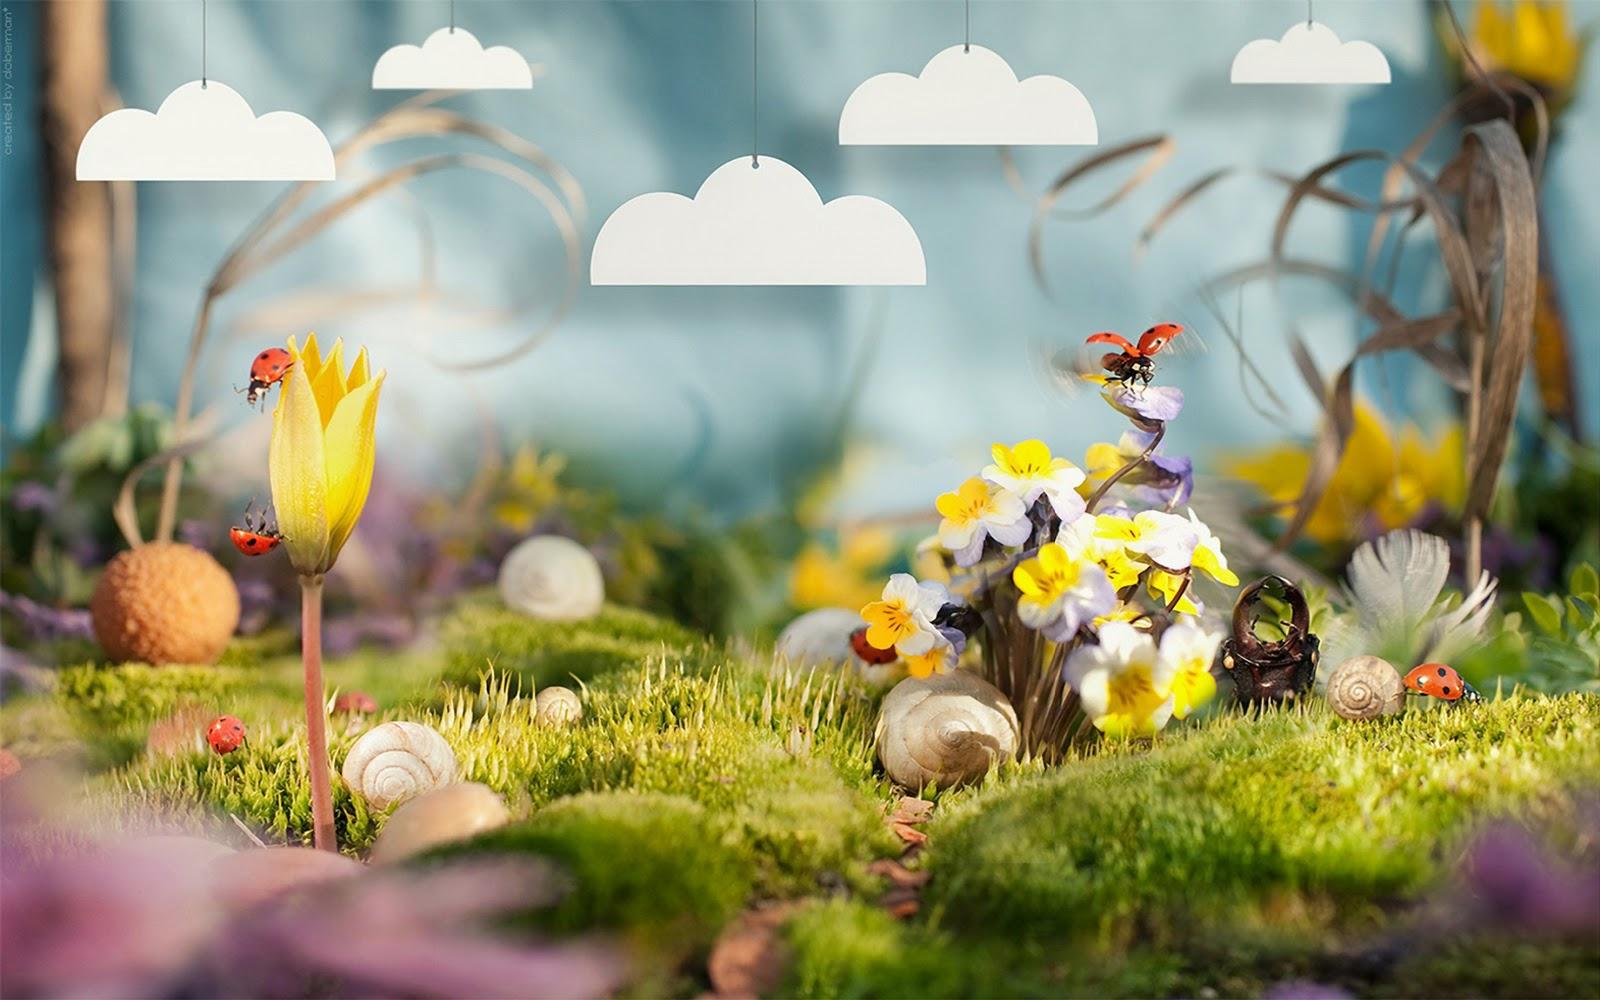 lente achtergronden hd - photo #18